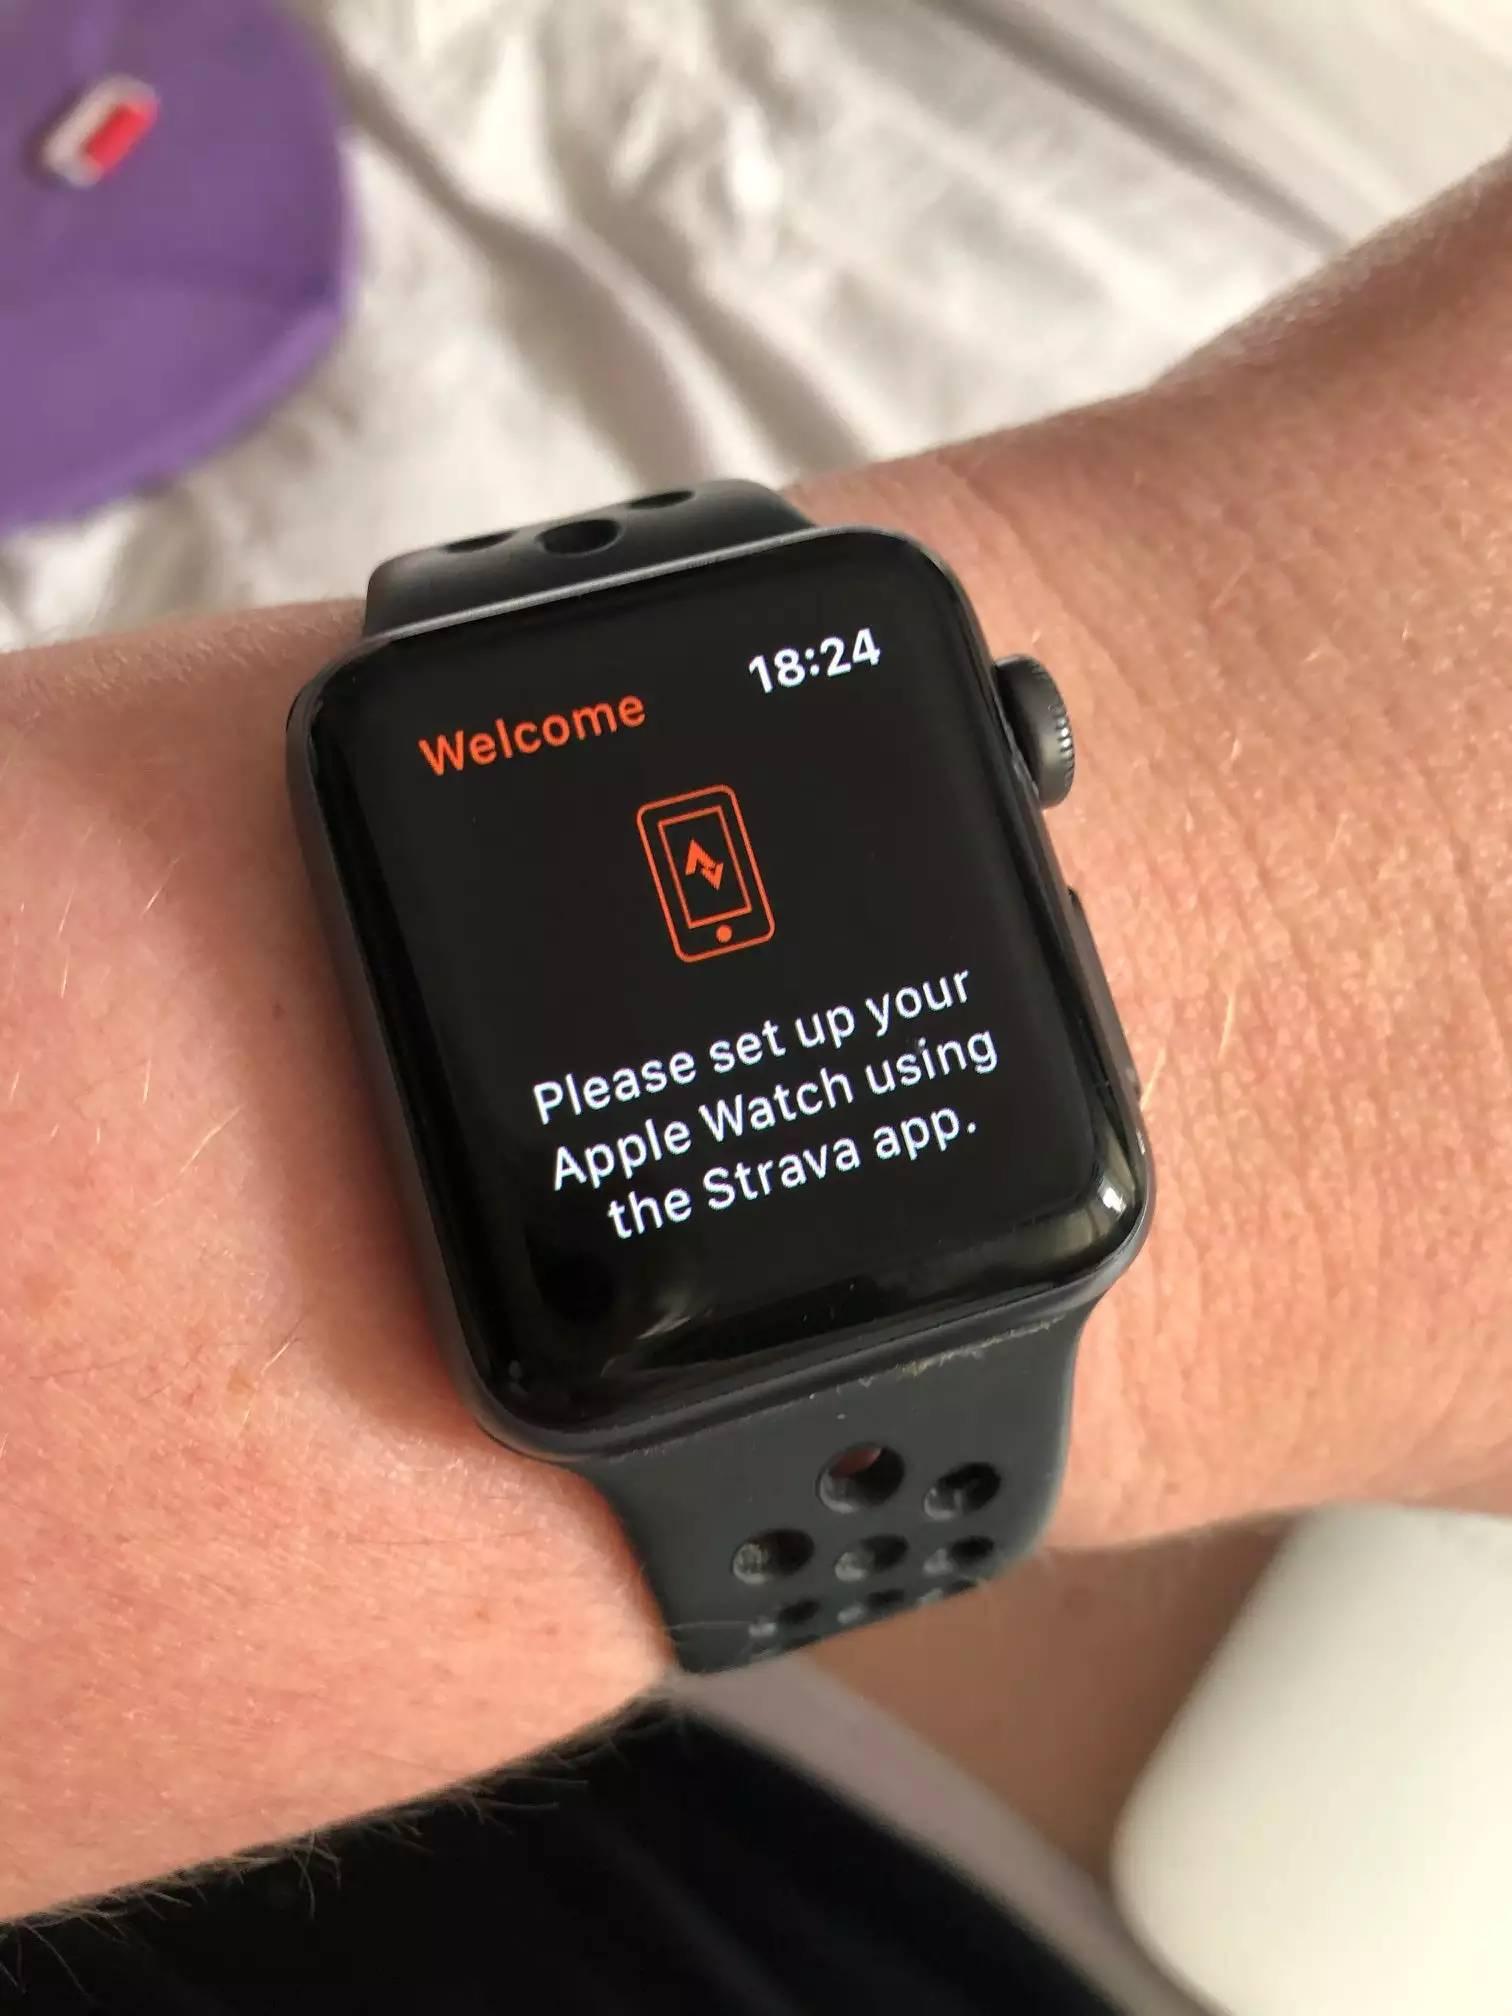 如何在附近没有iPhone的情况下在Apple Watch上使用Strava,并无缝跟踪所有运动数据